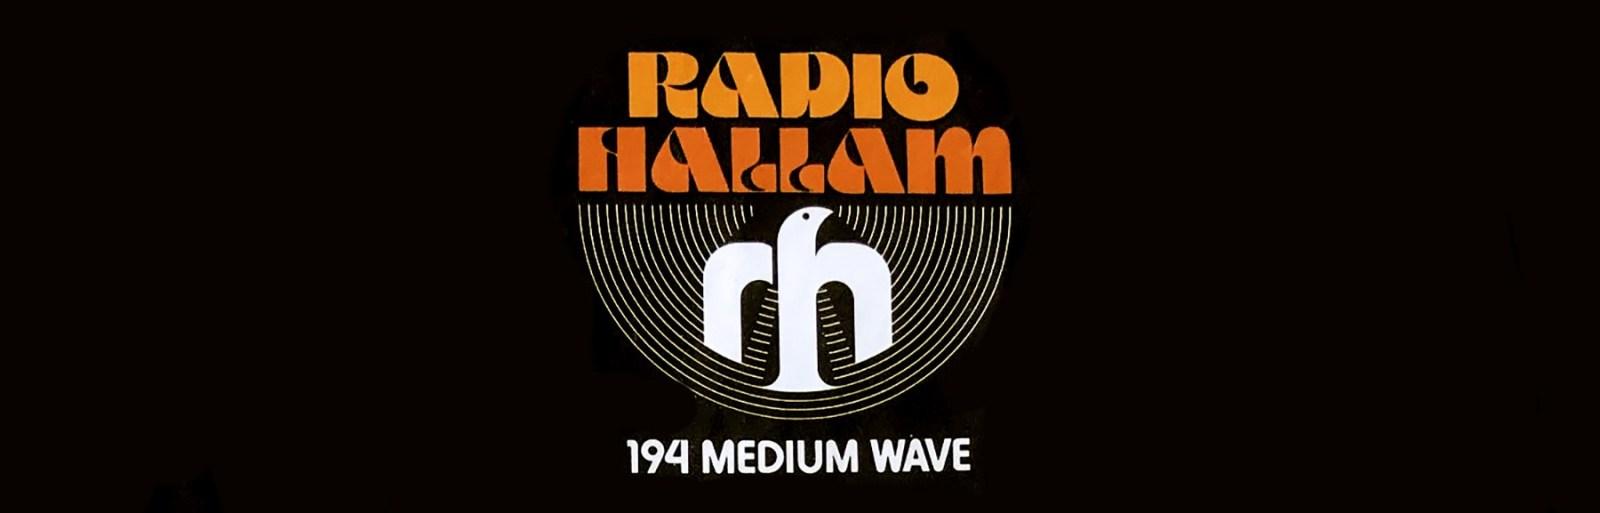 Radio Hallam.jpg